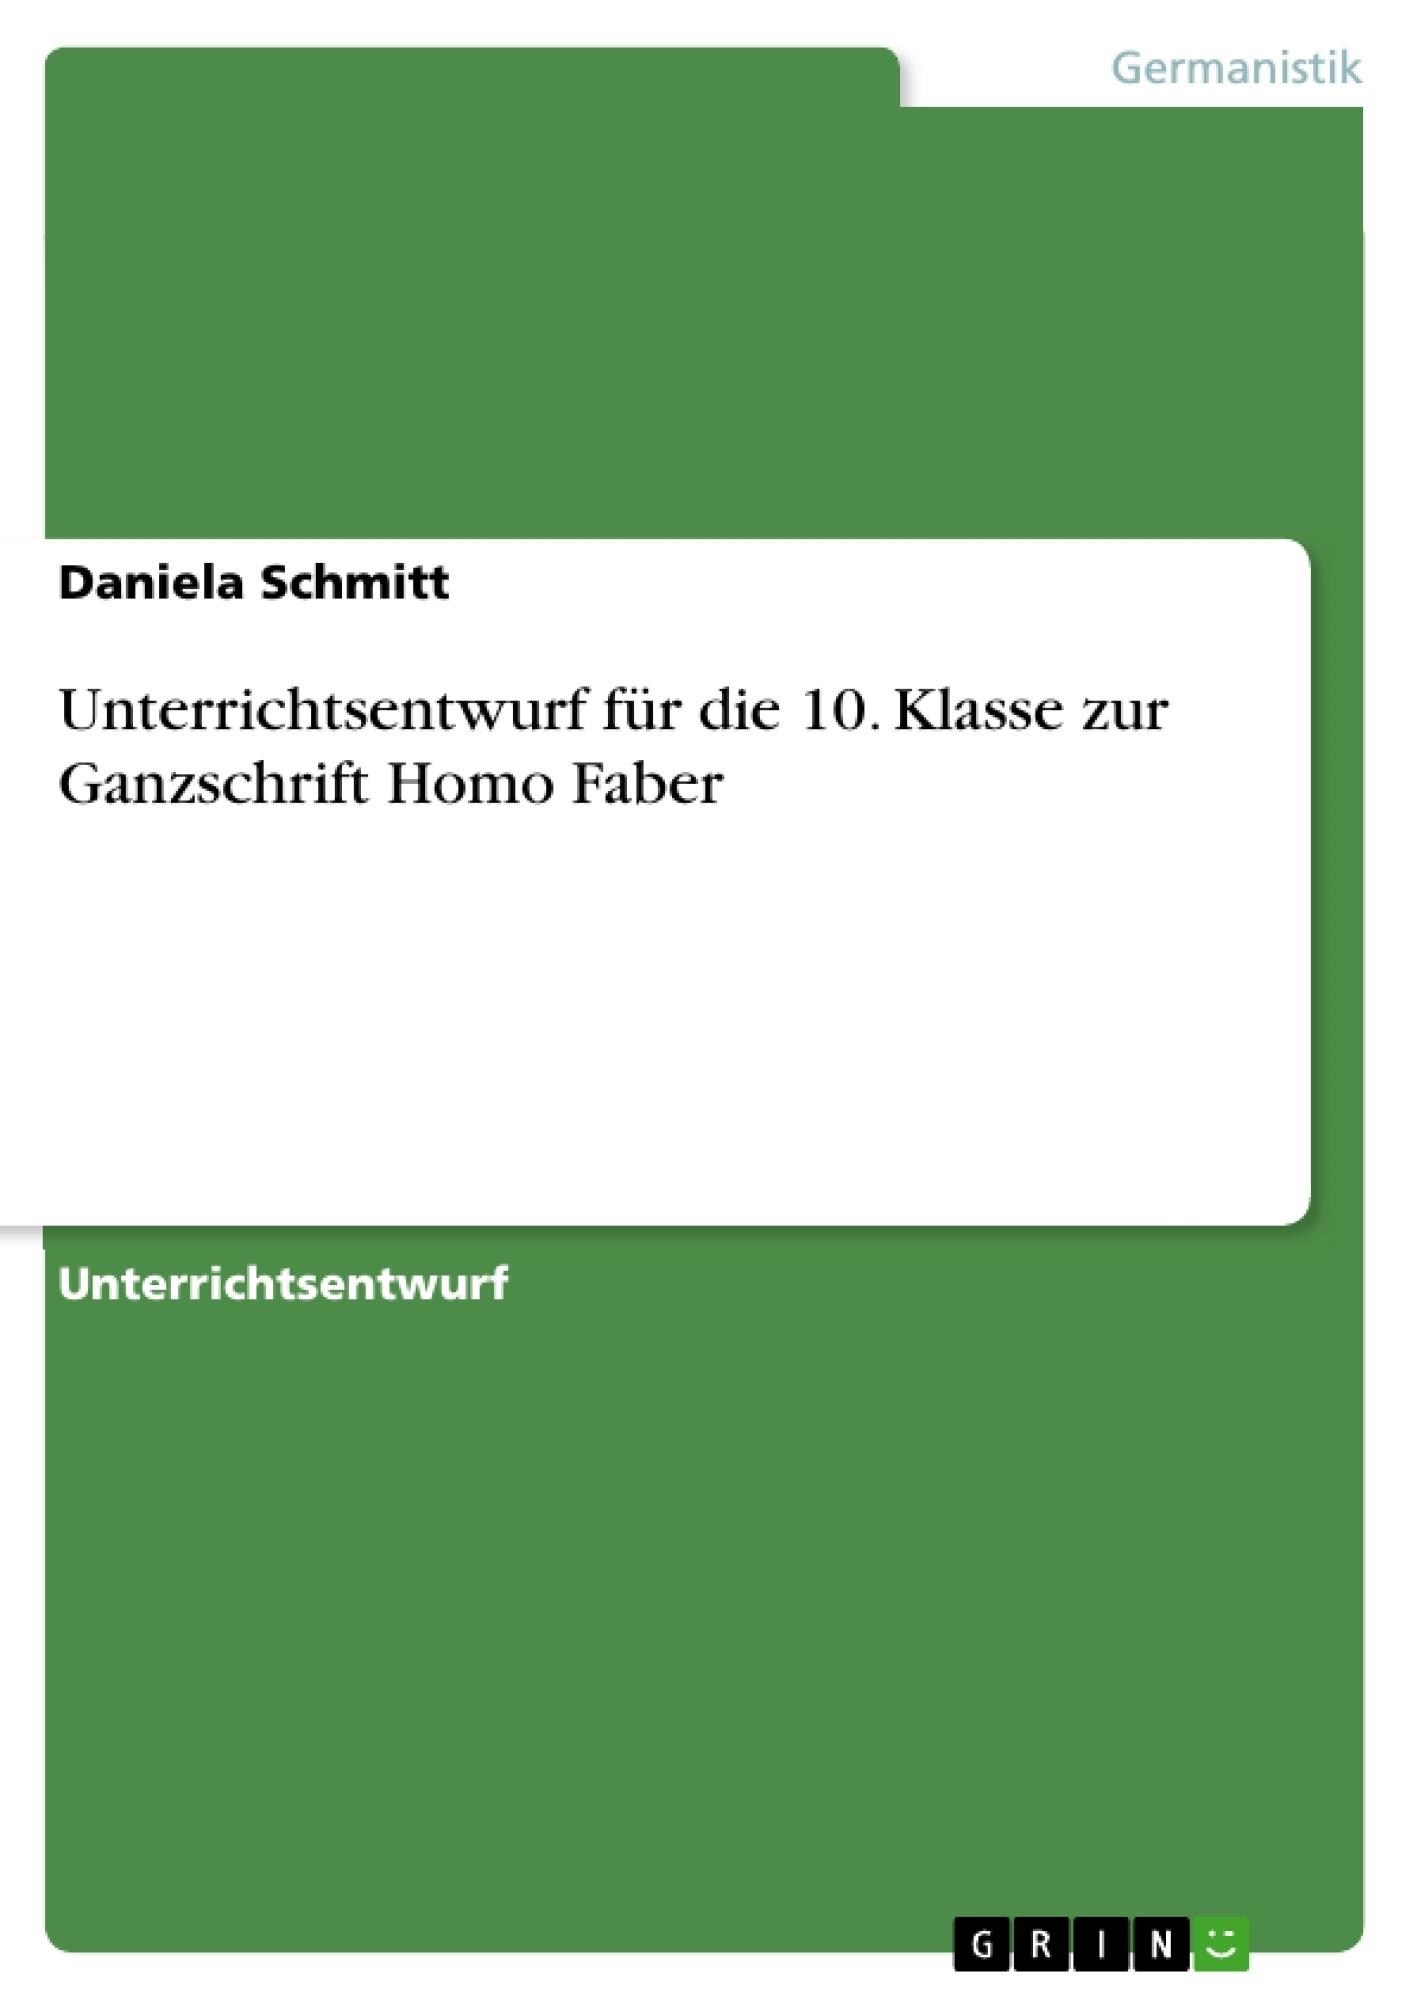 Titel: Unterrichtsentwurf für die 10. Klasse zur Ganzschrift Homo Faber